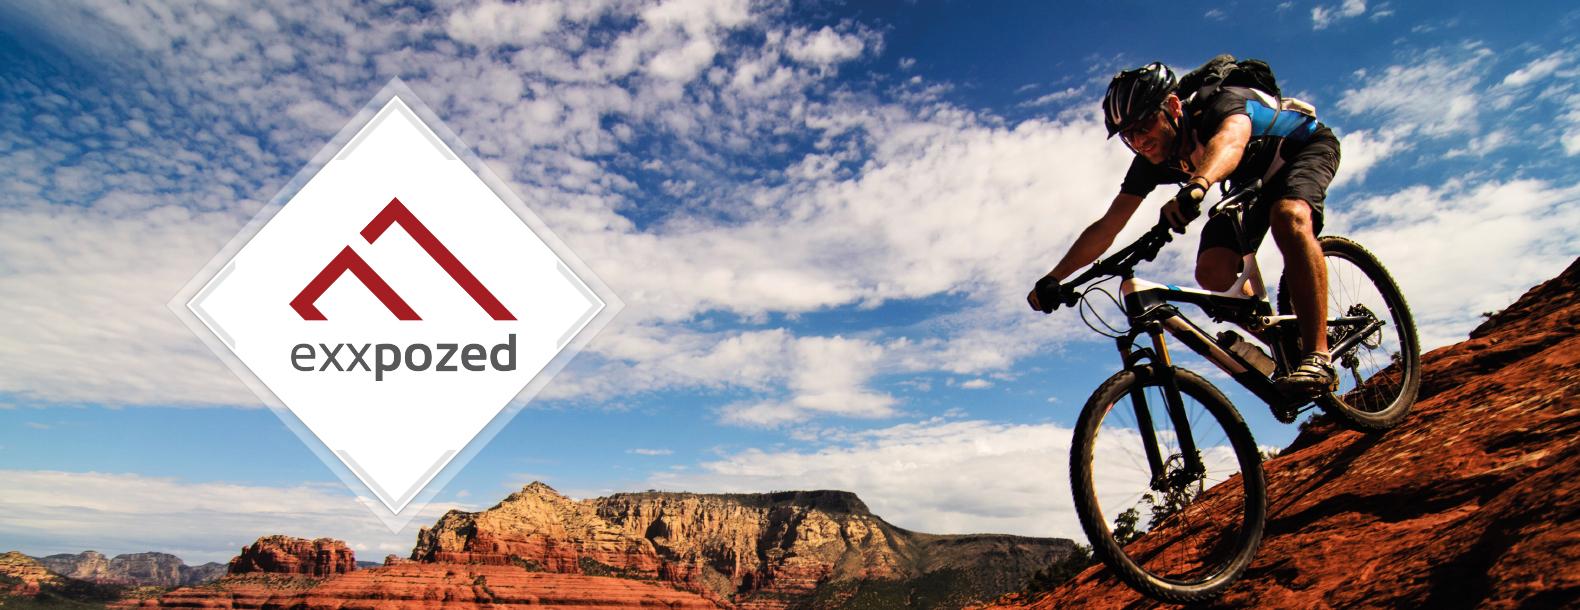 Bike Sports eXXpozed